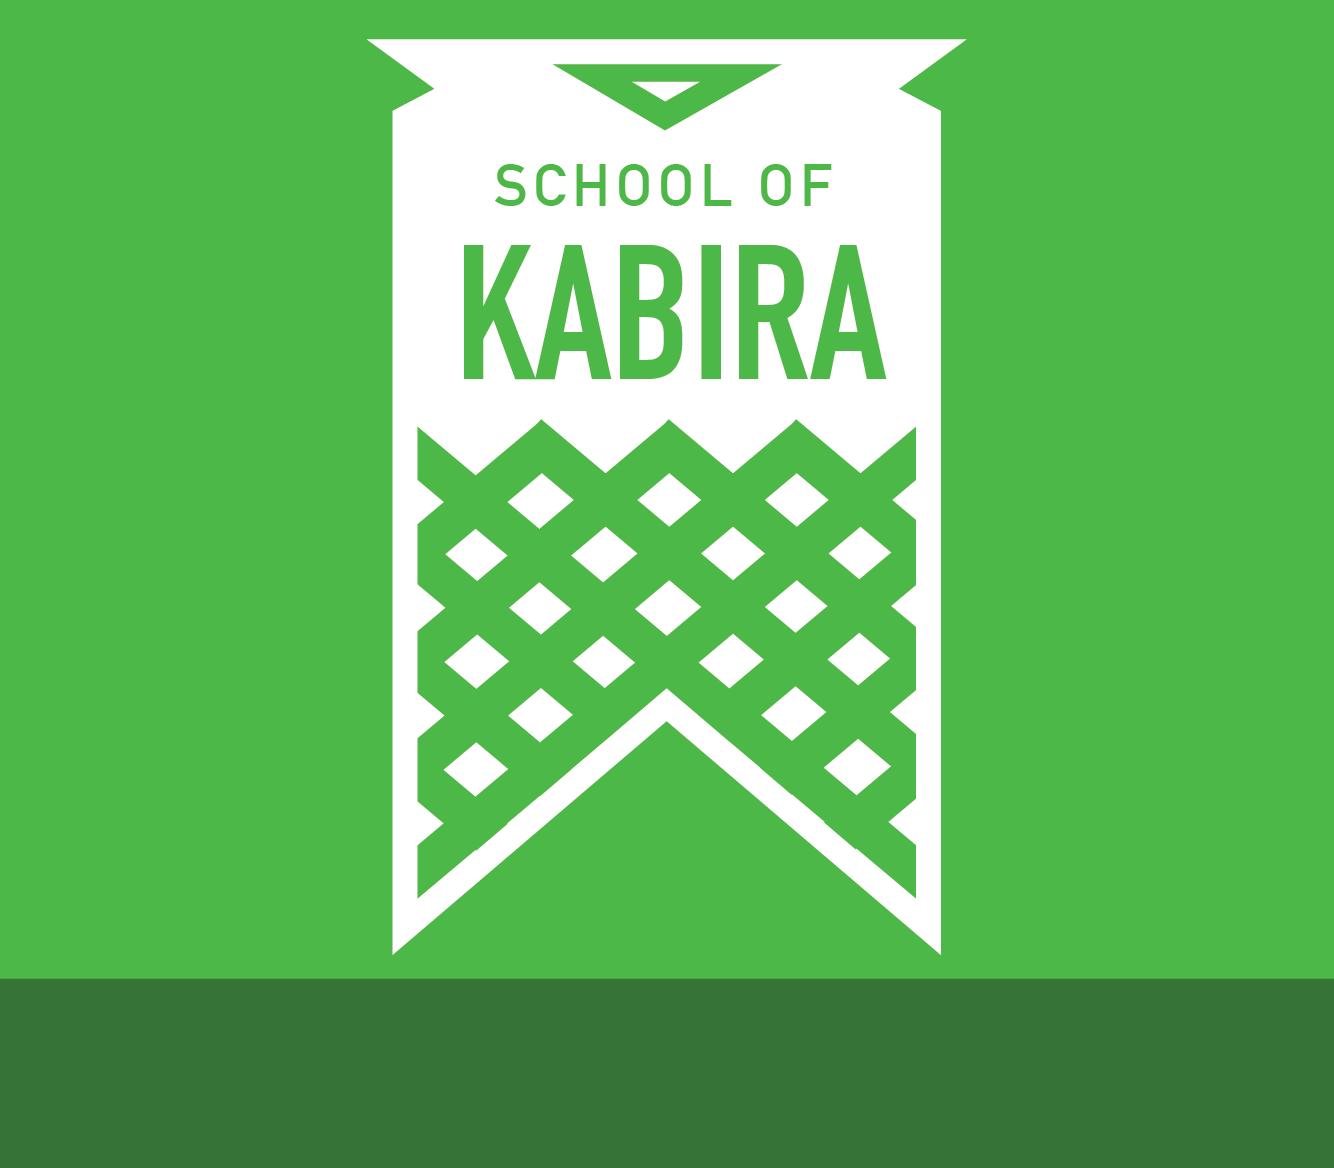 School of kabira